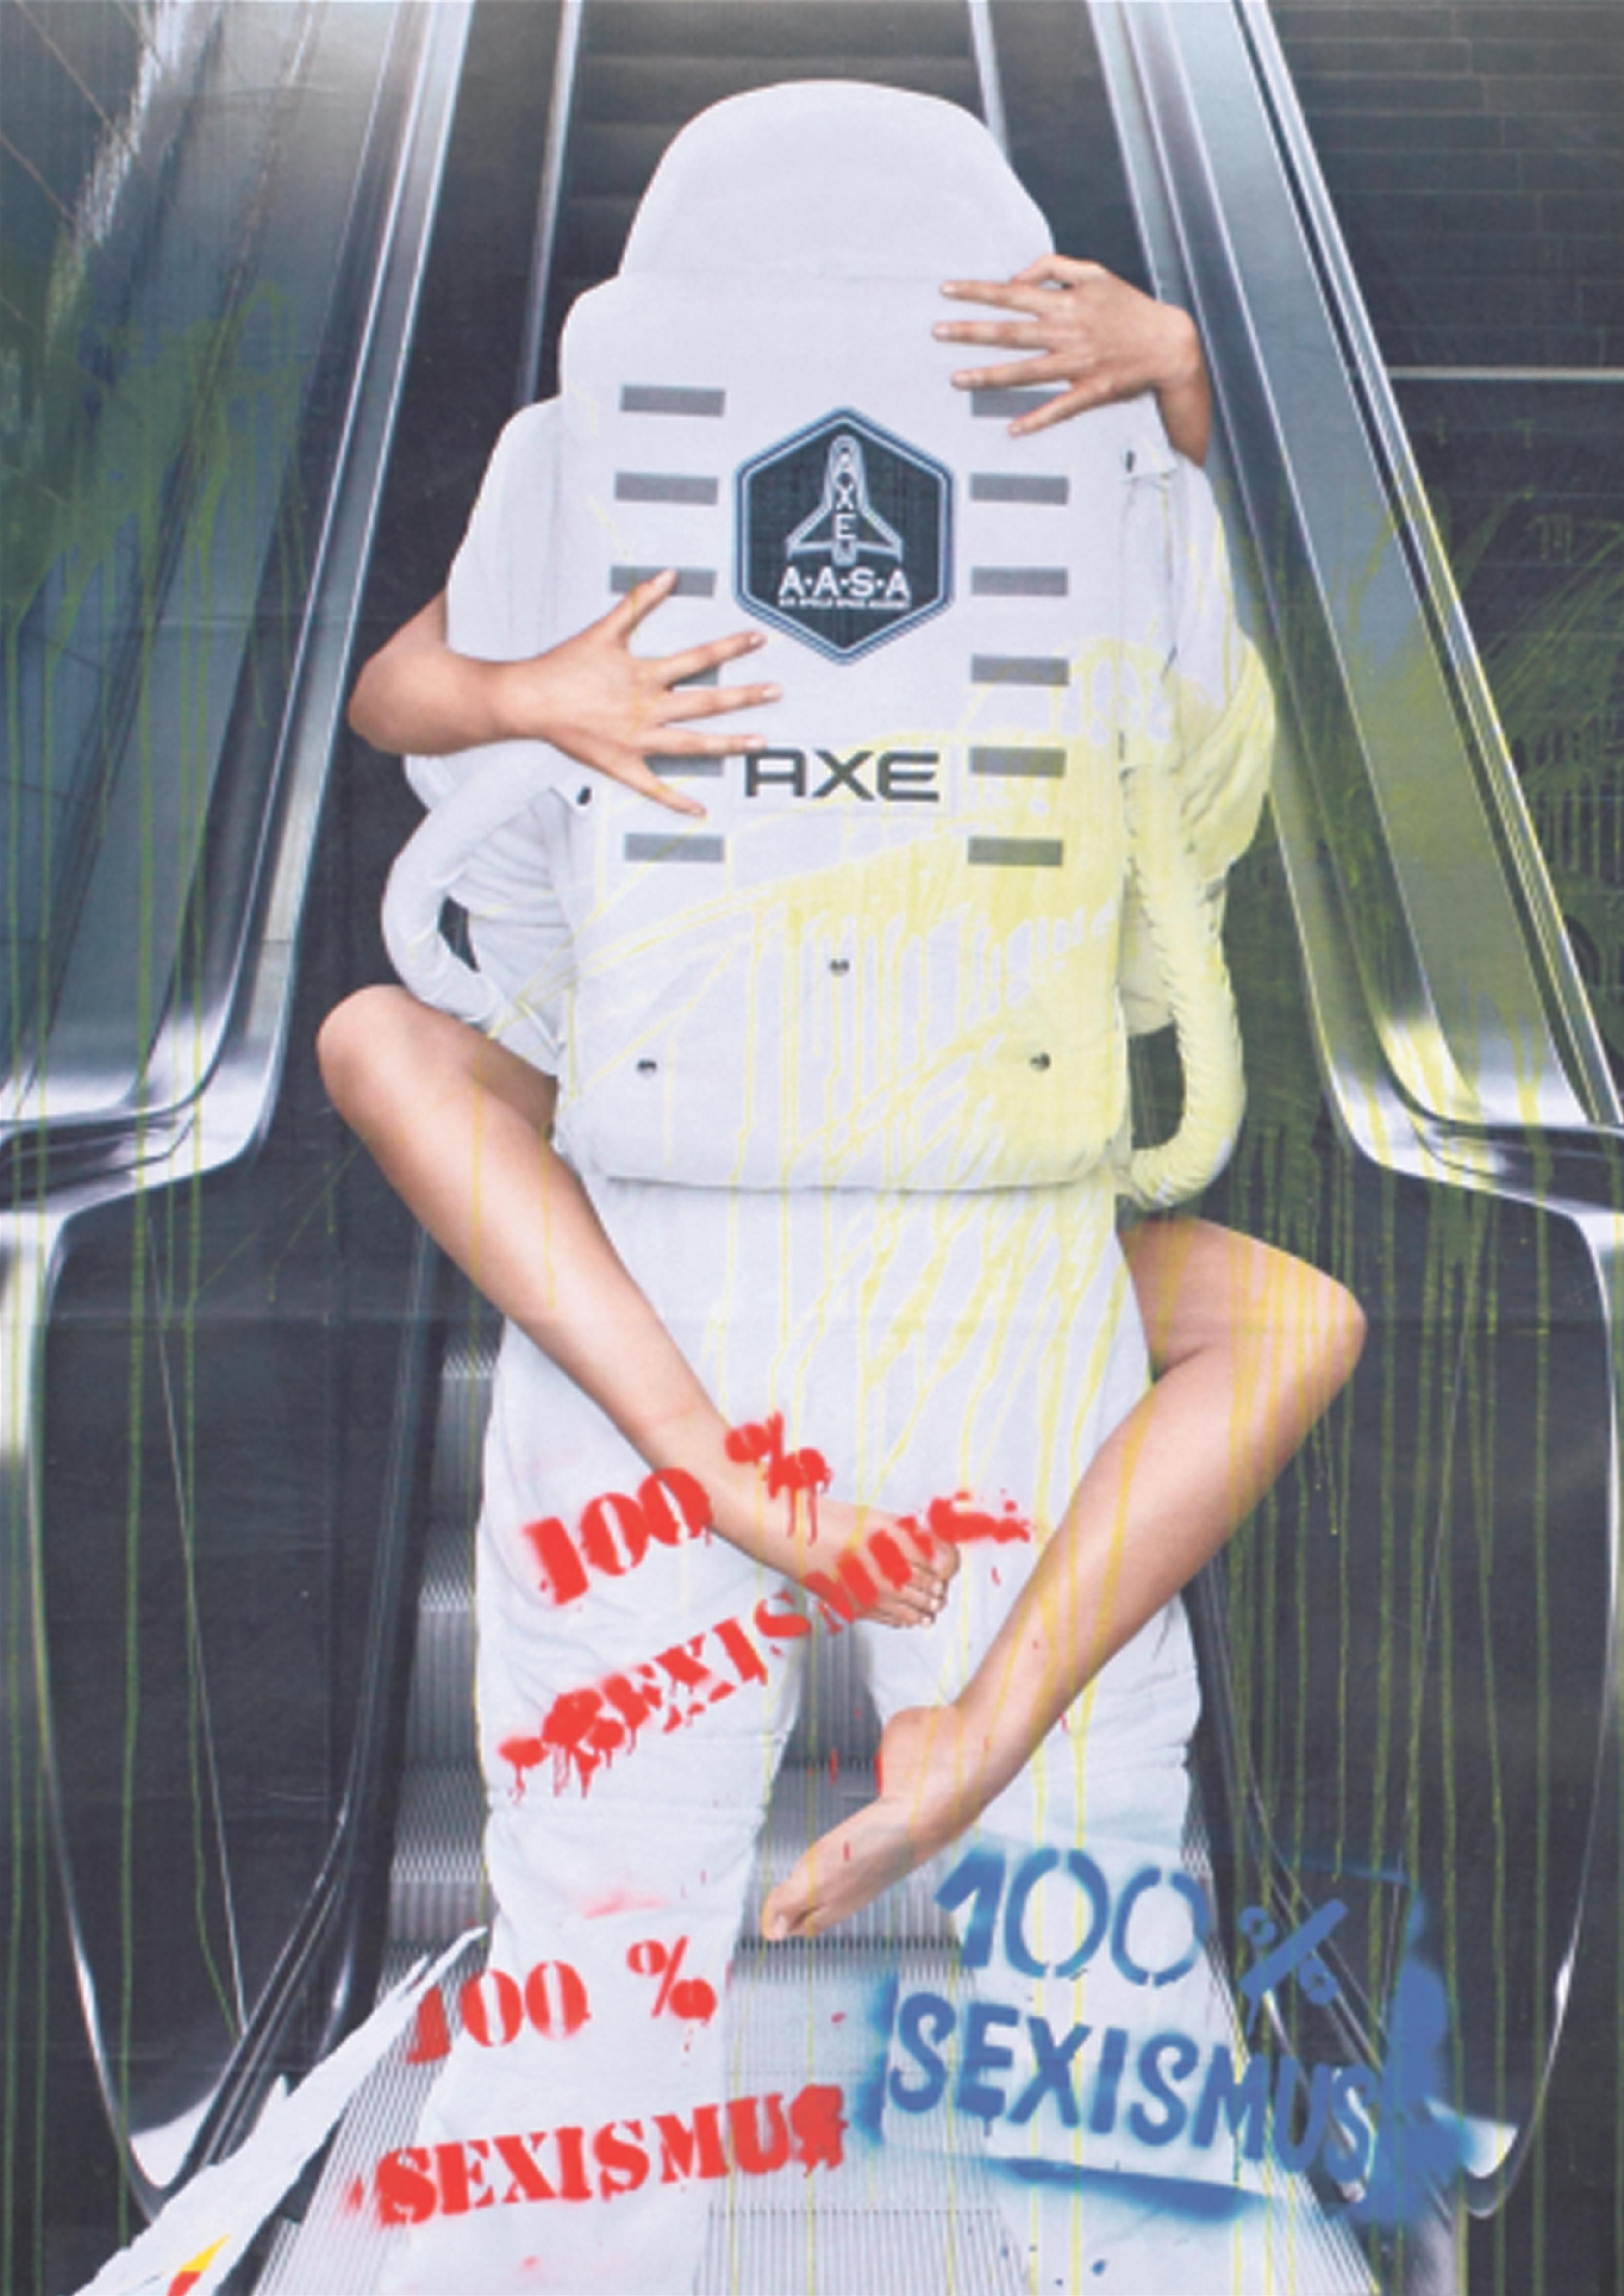 """Sollte Sexistische Werbung verboten werden? Foto: flickr.com/""""gbohne"""", CC BY - SA 2.0"""